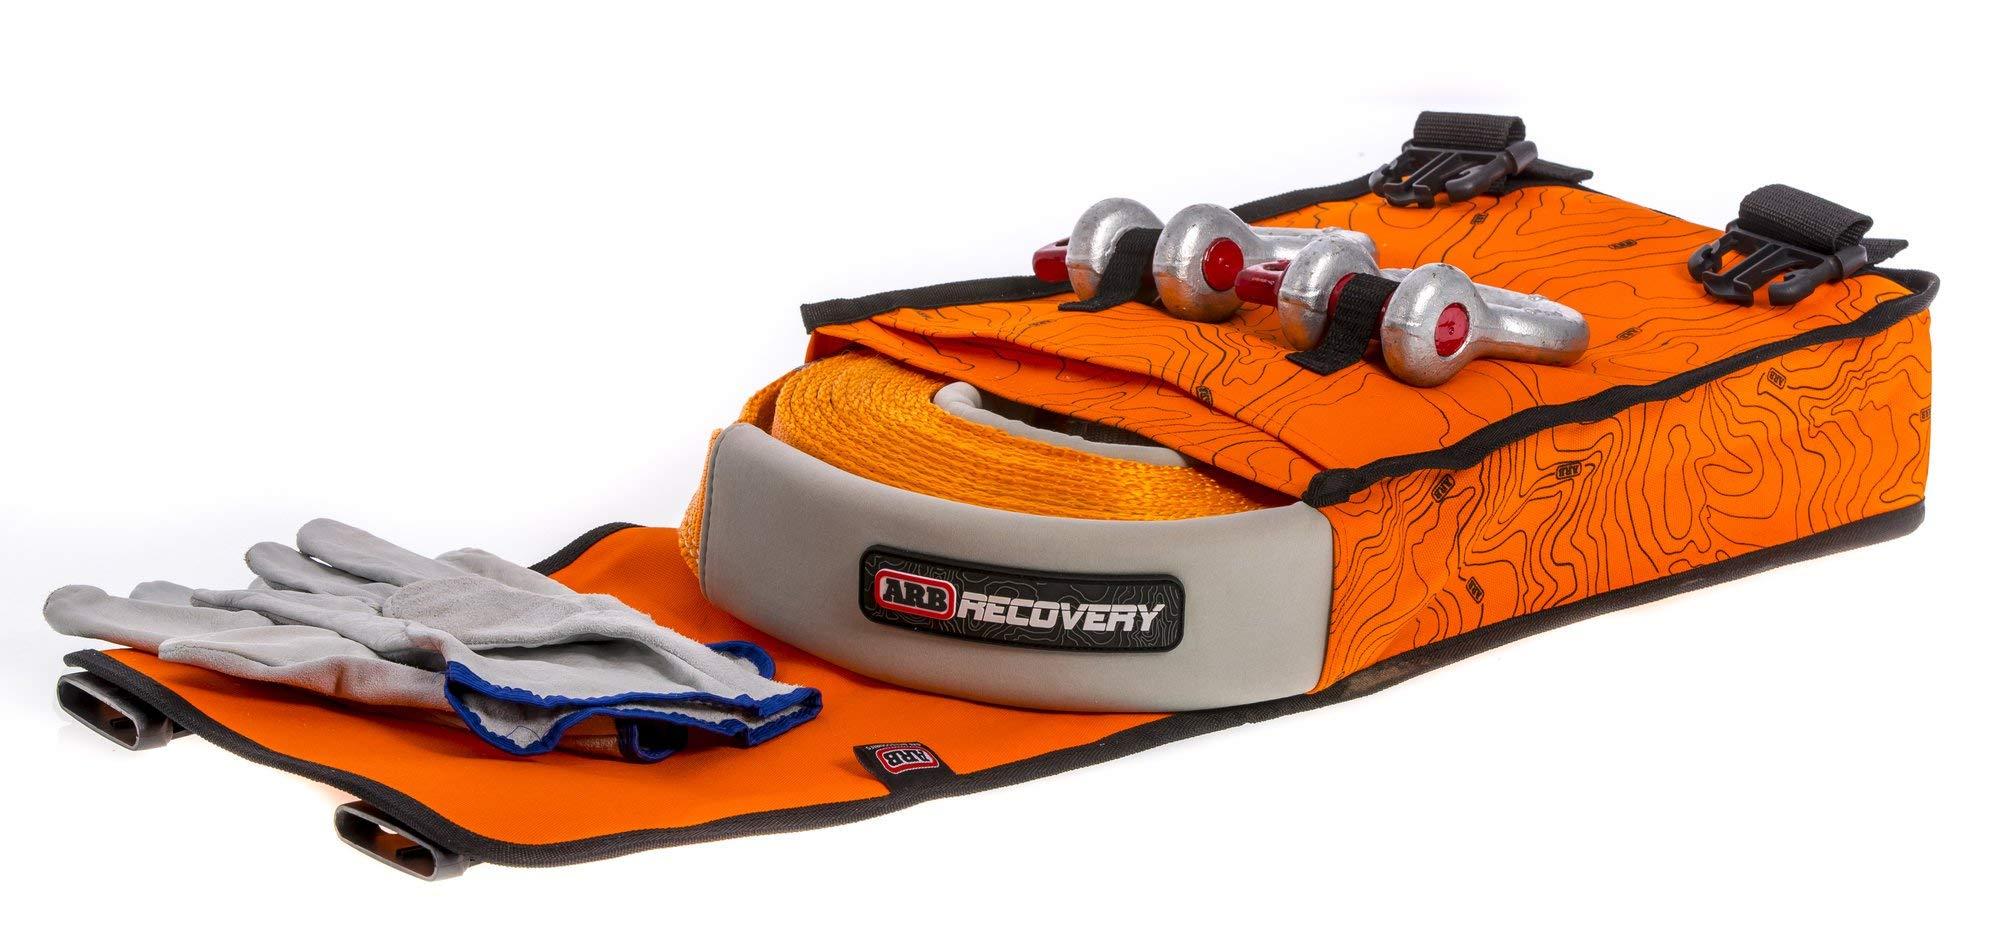 ARB RK12 ARB Weekender Recovery Kit ARB Weekender Recovery Kit by ARB